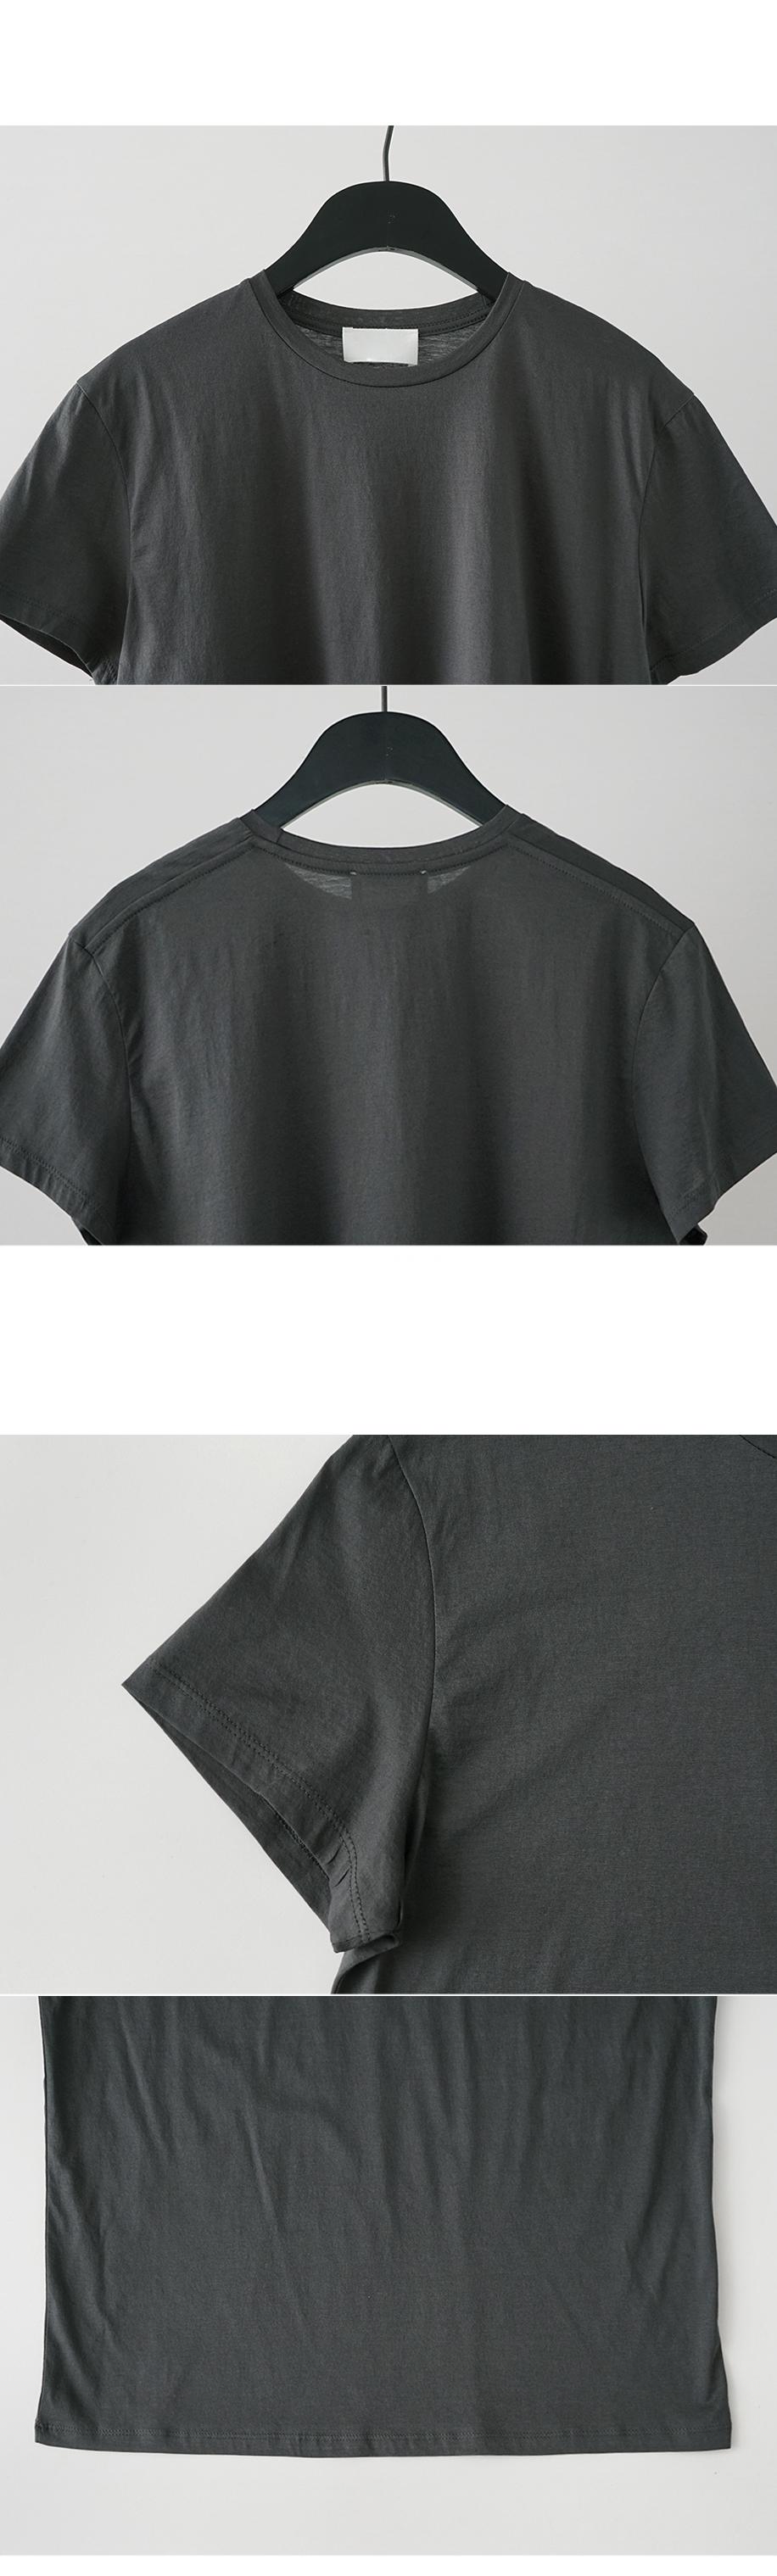 delicate standard top